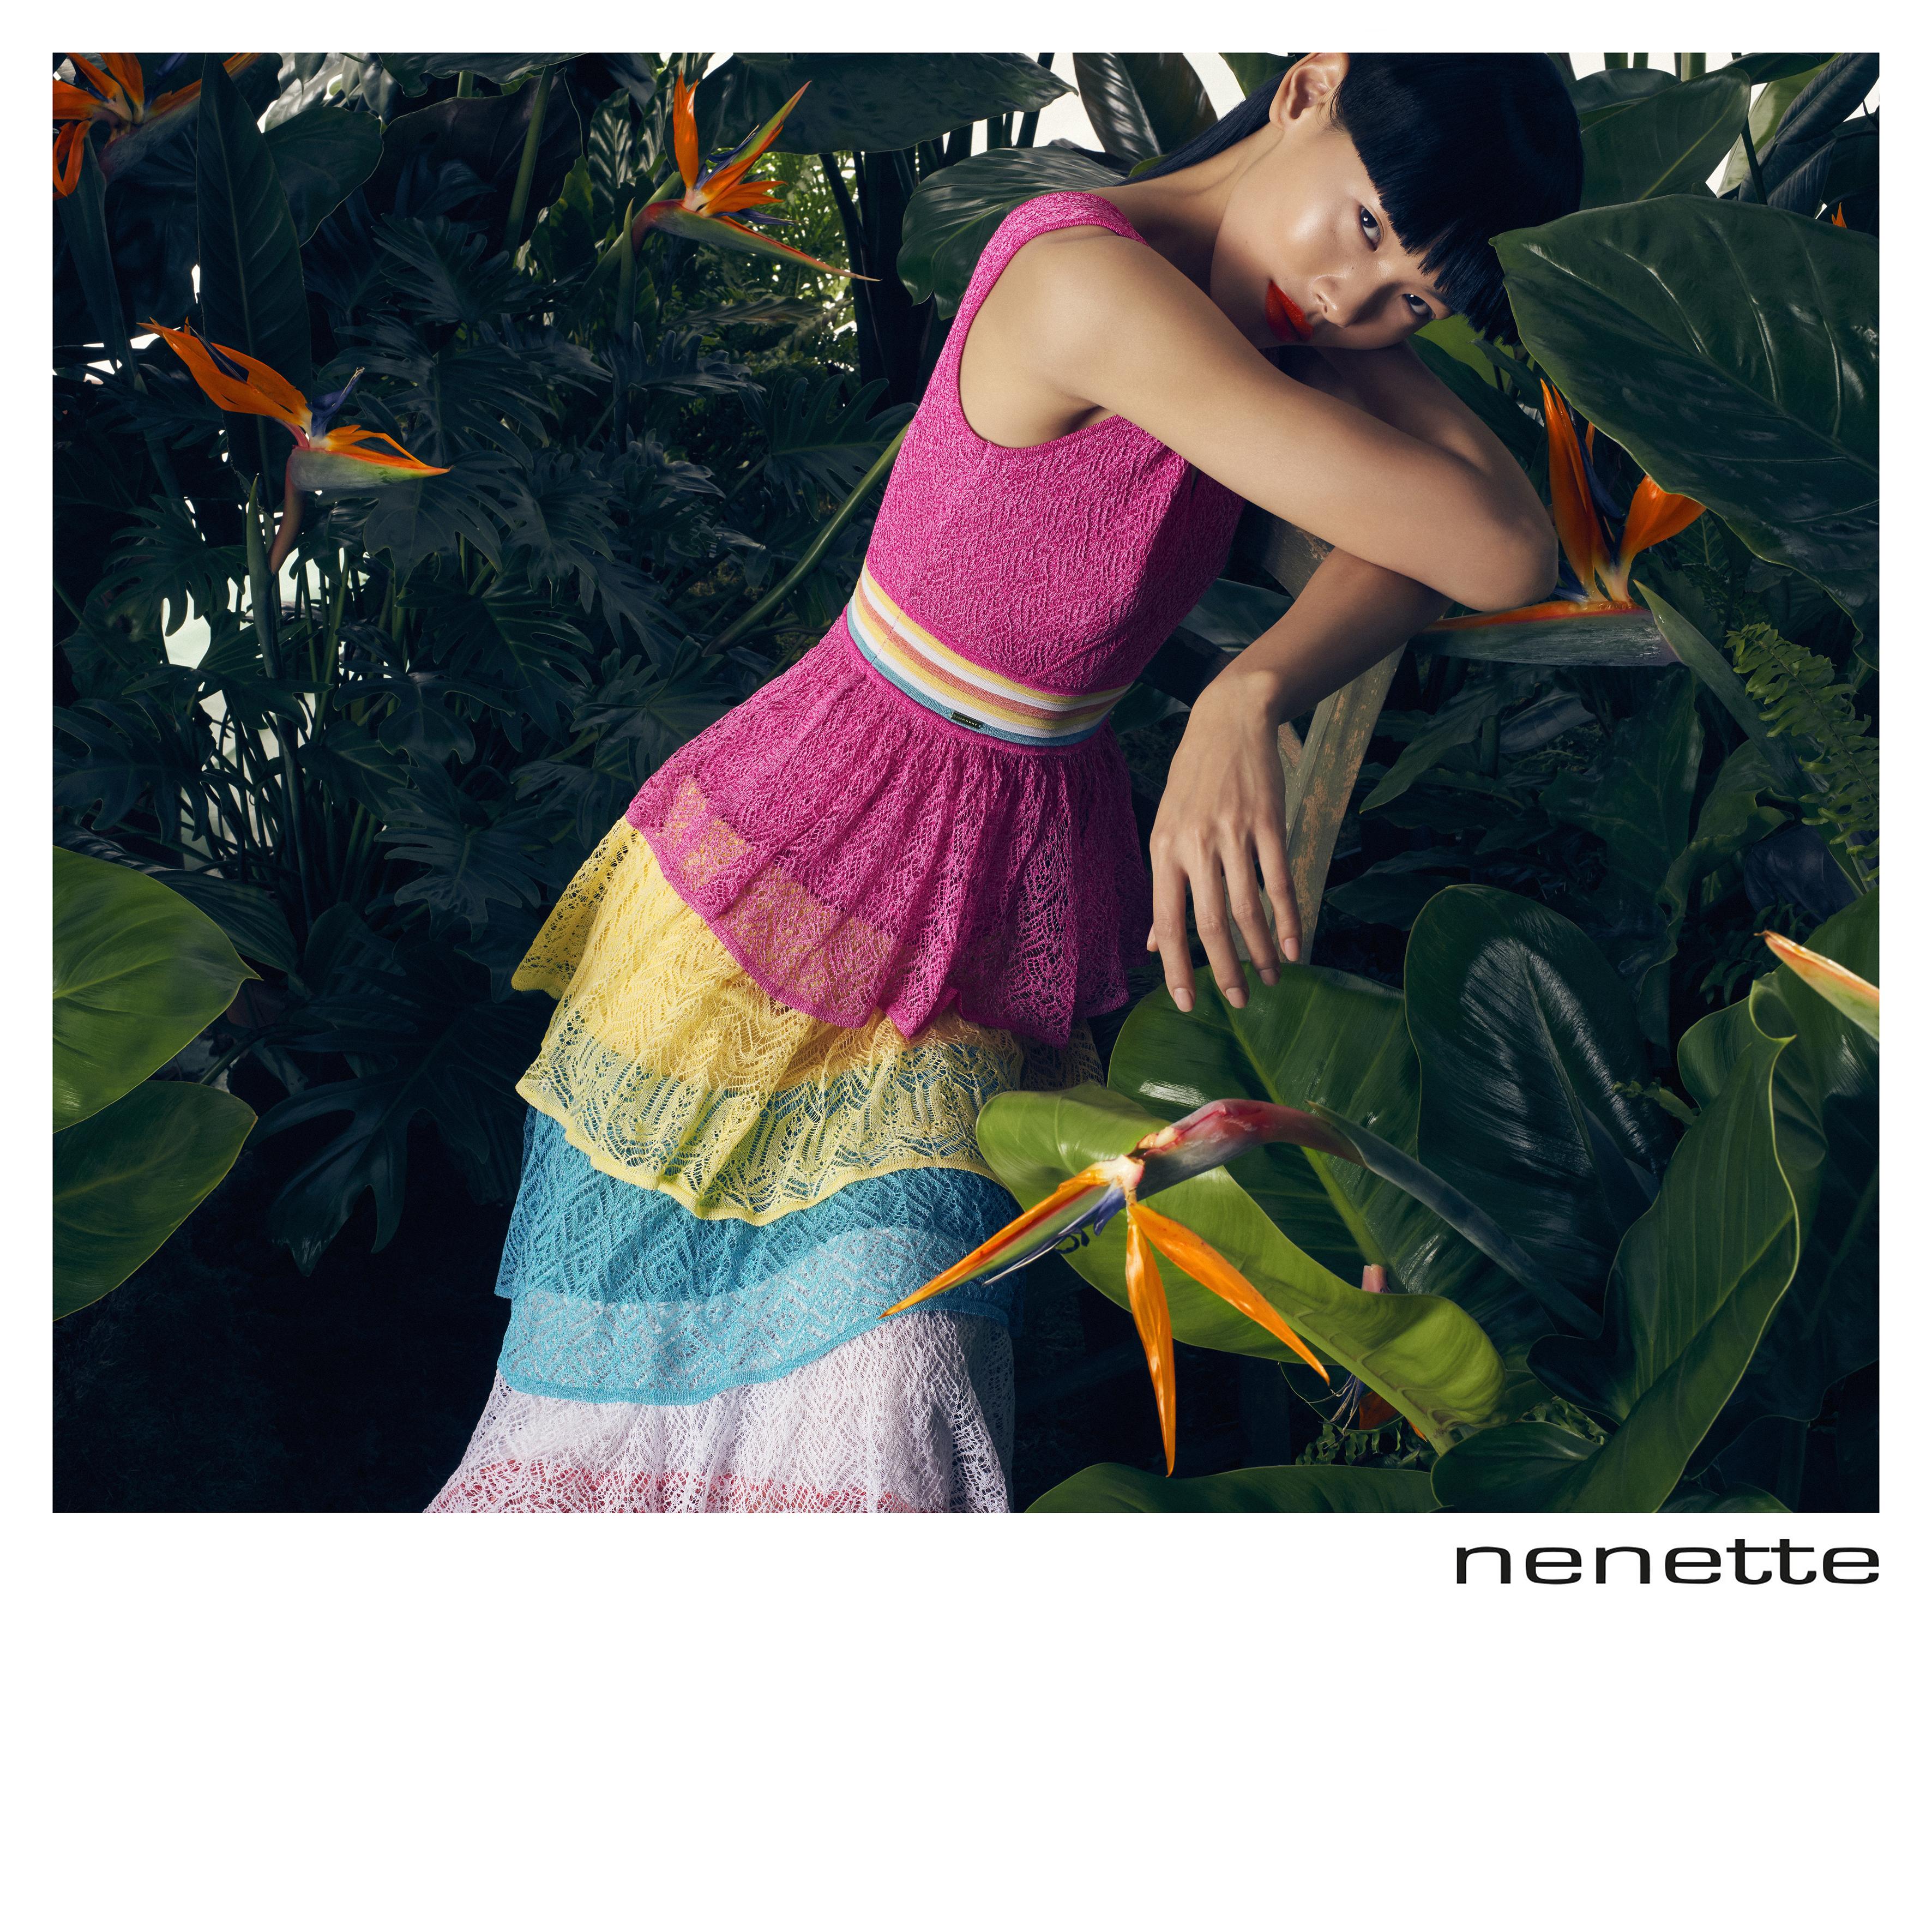 Nenette_SS18_13_0570